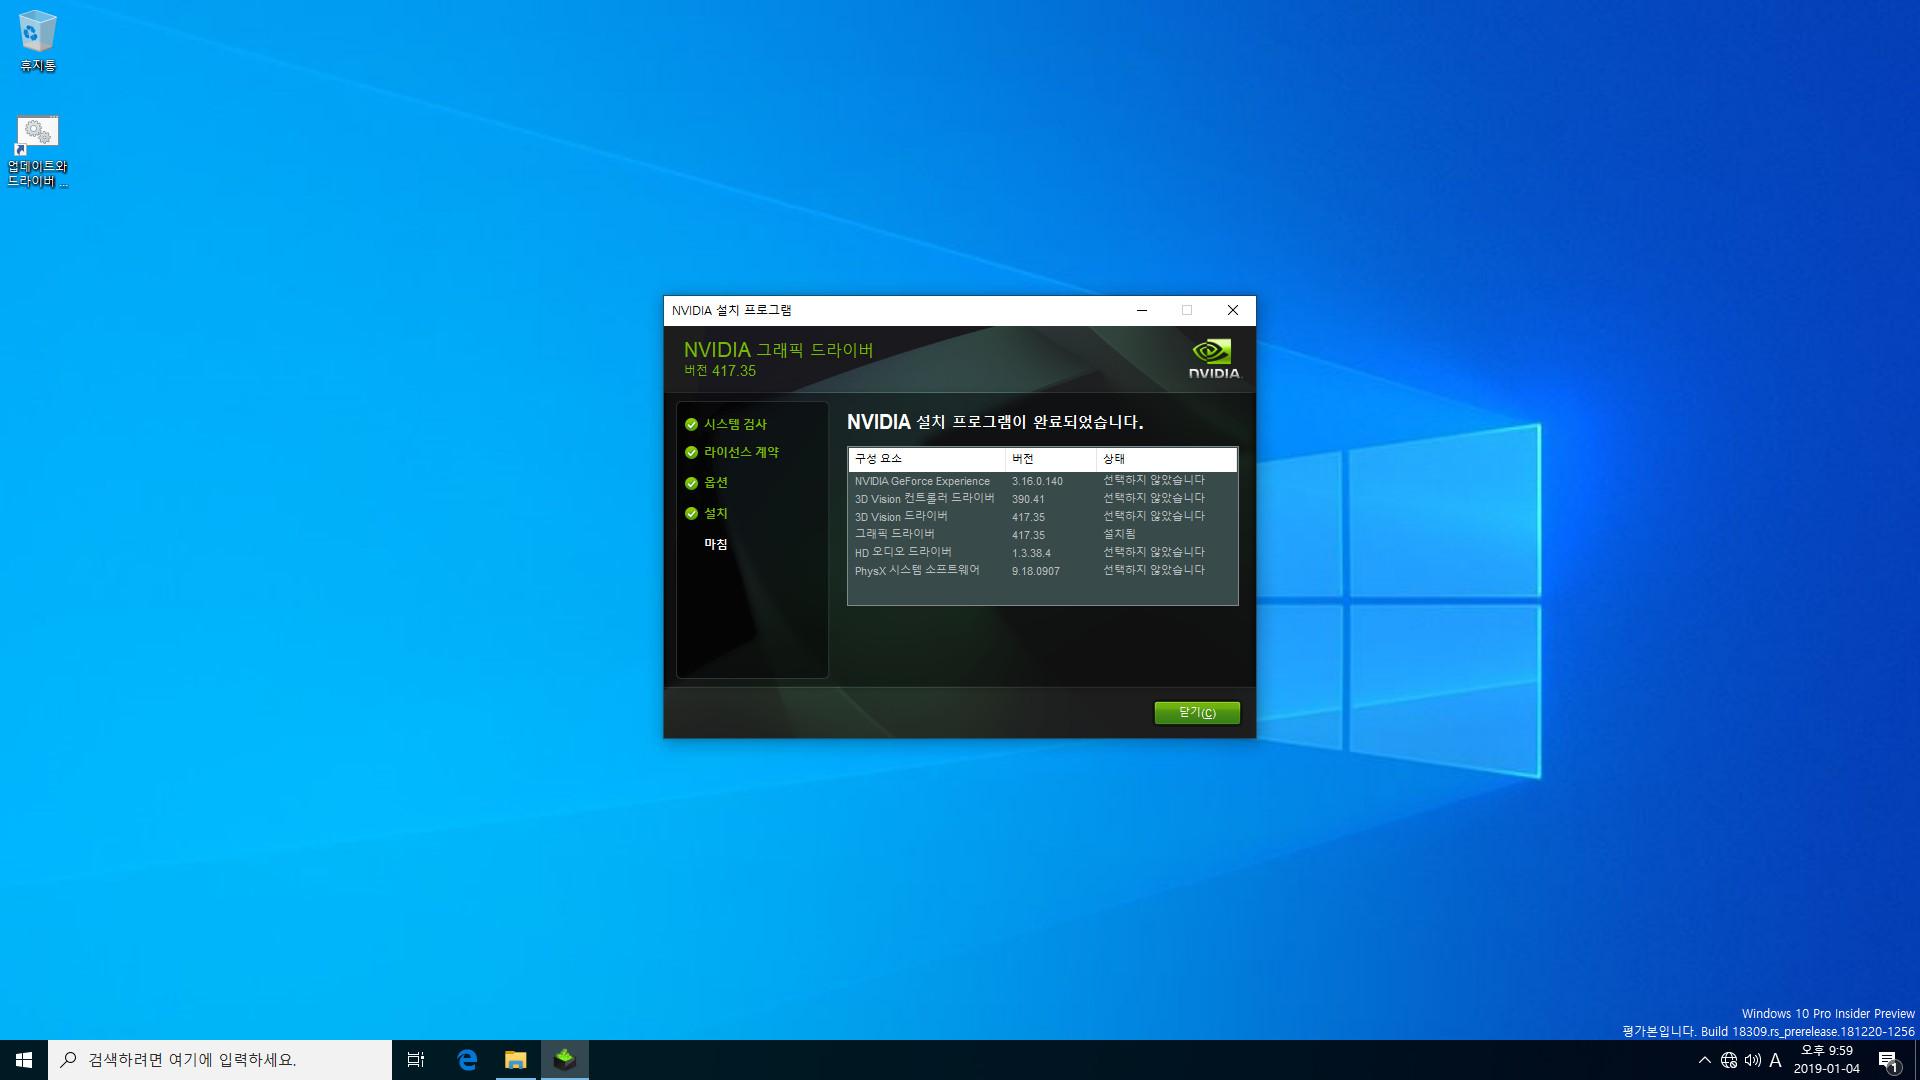 윈도10 19H1 인사이더 프리뷰 18309.1000 빌드 나왔네요 - 실컴에서 Windows Sandbox 테스트 - 어떤 드라이버가 충돌을 일으키는지 확인 테스트2 [랜선 뽑고] - Sandbox는 미리 기능 켬 - 그래픽 드라이버 설치함 2019-01-04_215903.jpg